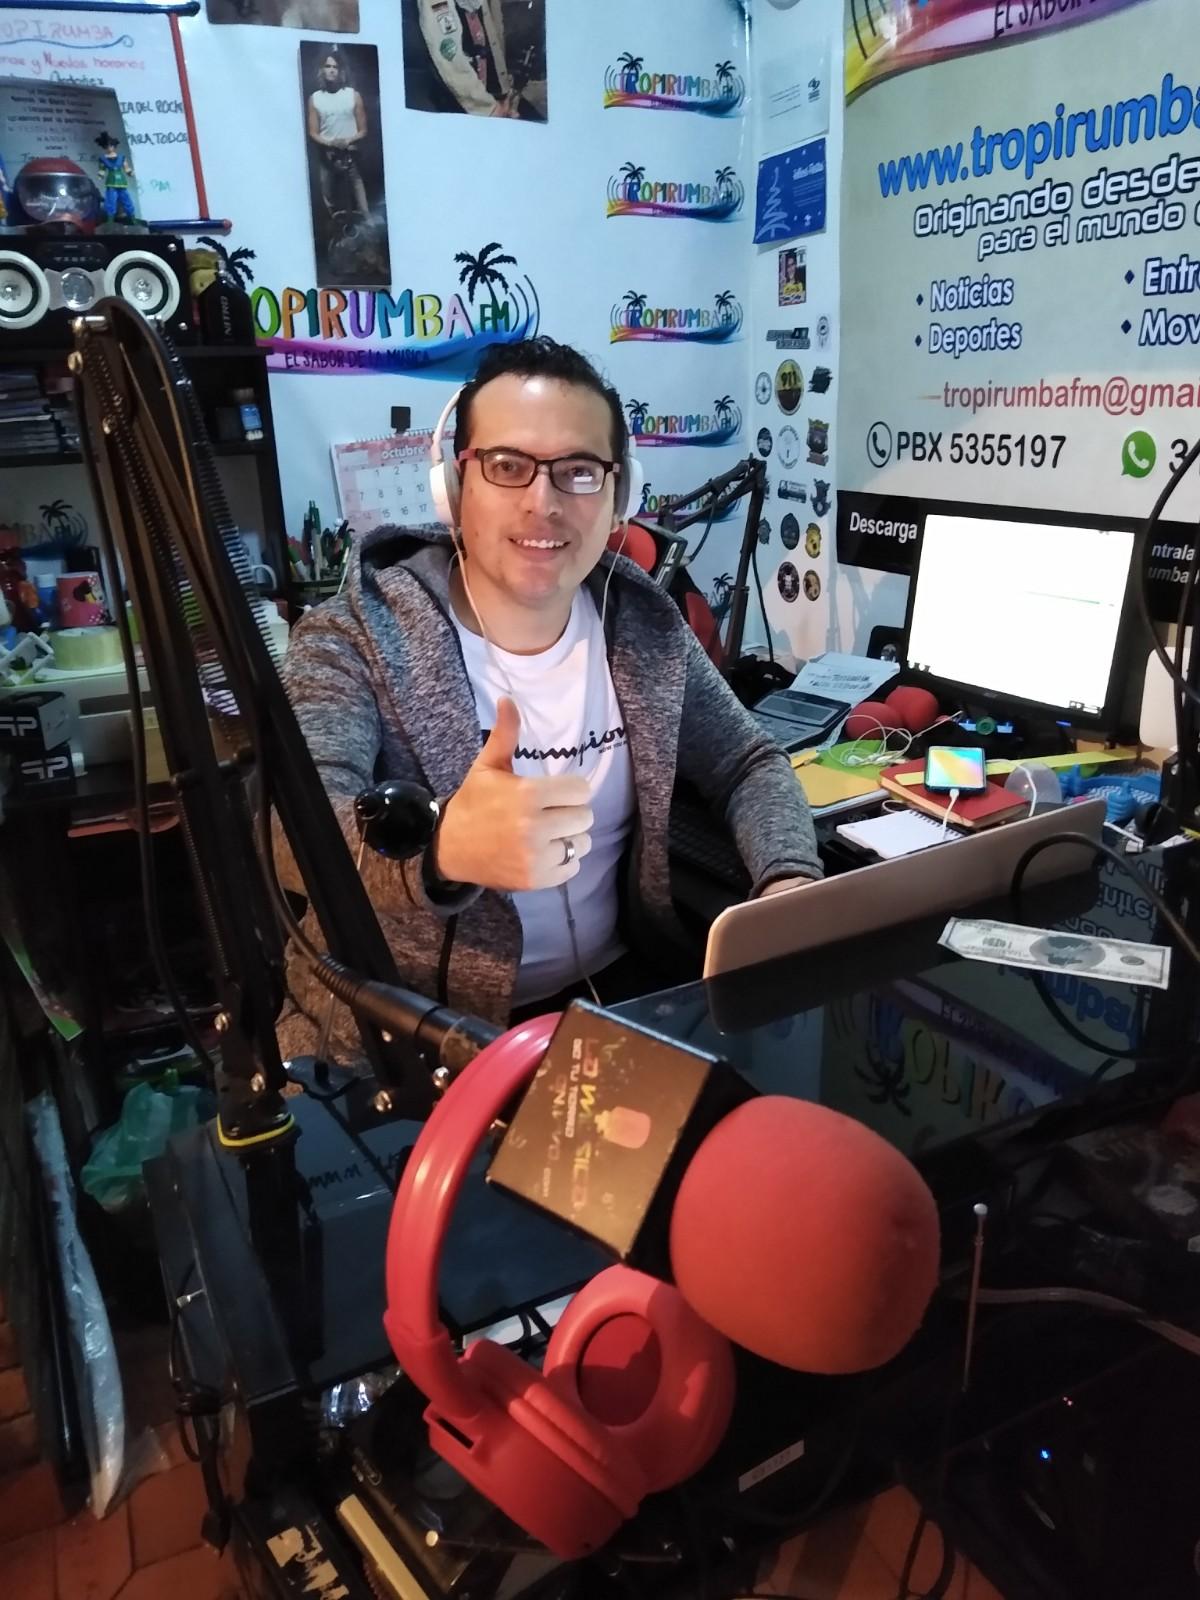 """Fredy Puerto: """"Tristemente hemos perdido la buena radio colombiana, se perdió la buena locución, el buen locutor que es imagen, se ha perdido la buena voz, la radio es de escuchar voces""""."""